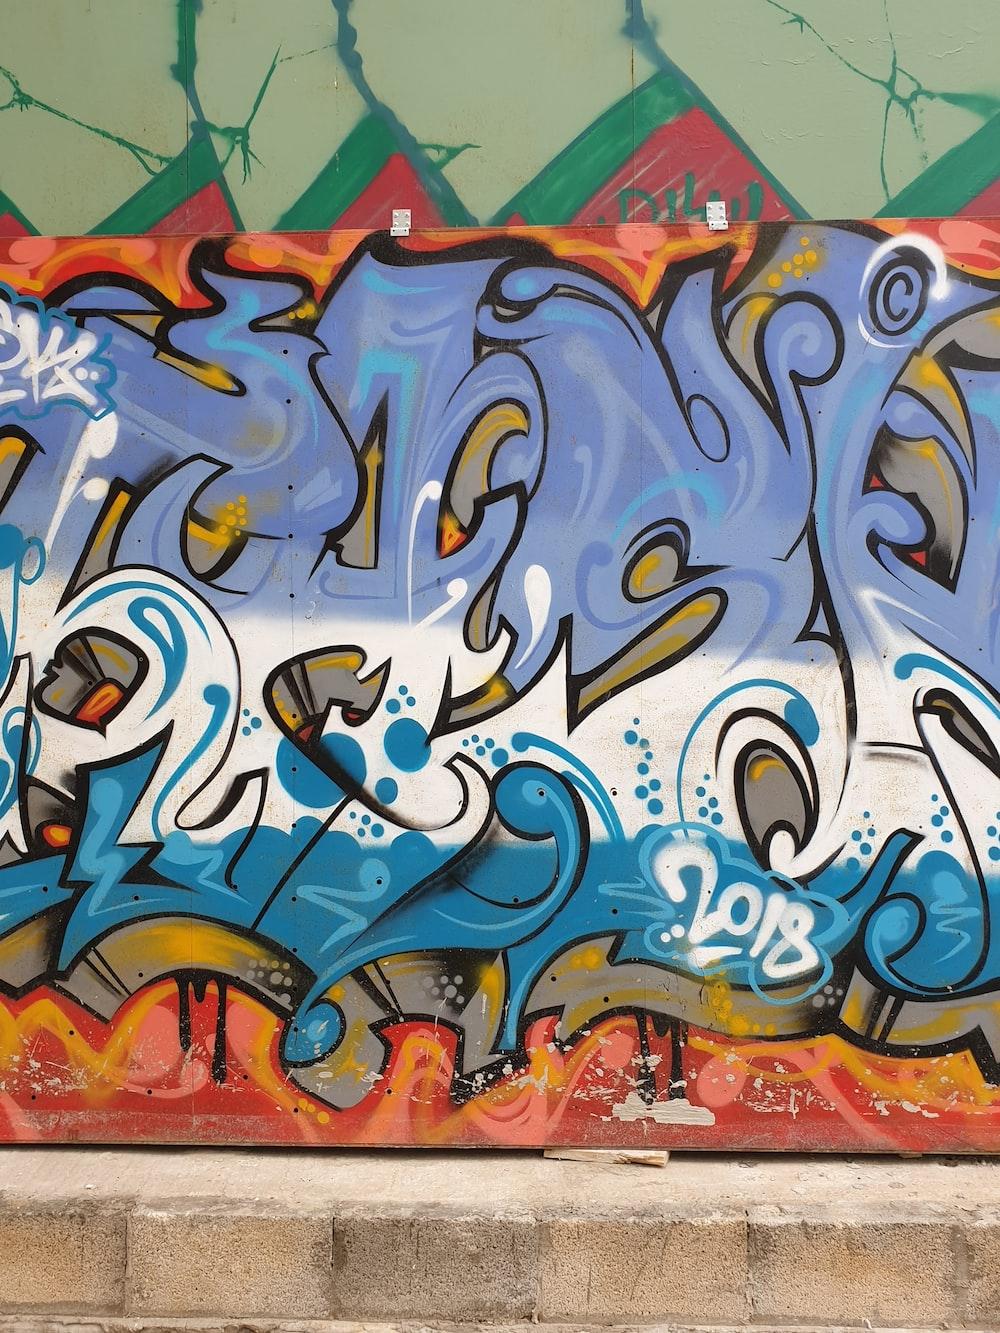 wall with multicolored graffiti